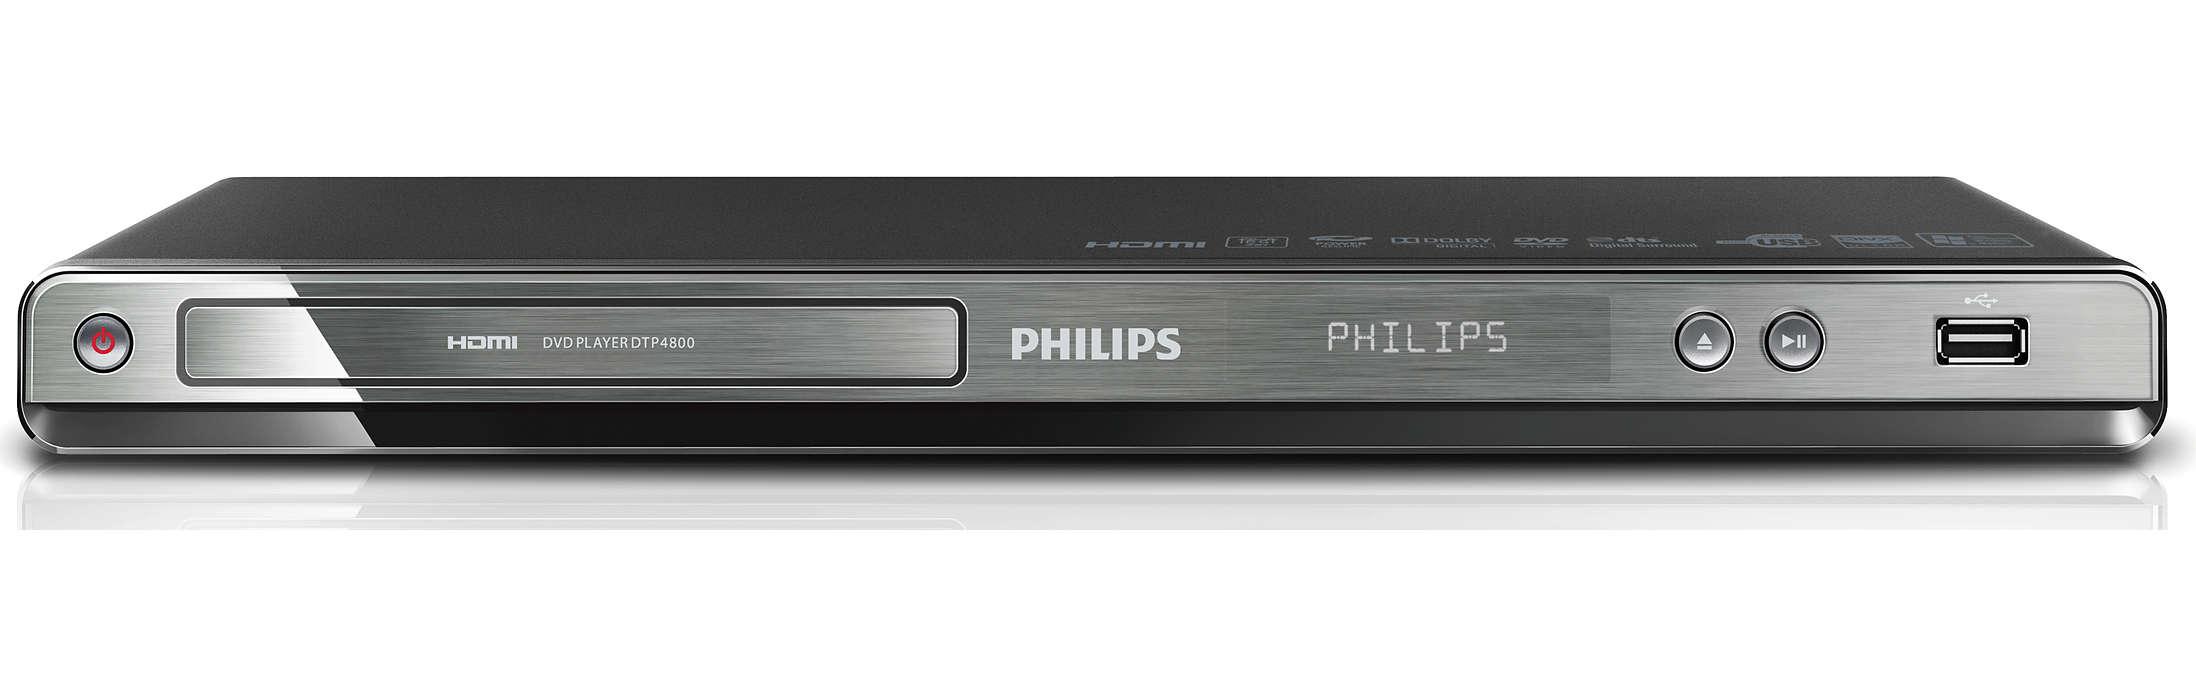 Digitale TV kijken en DVD's afspelen met één apparaat